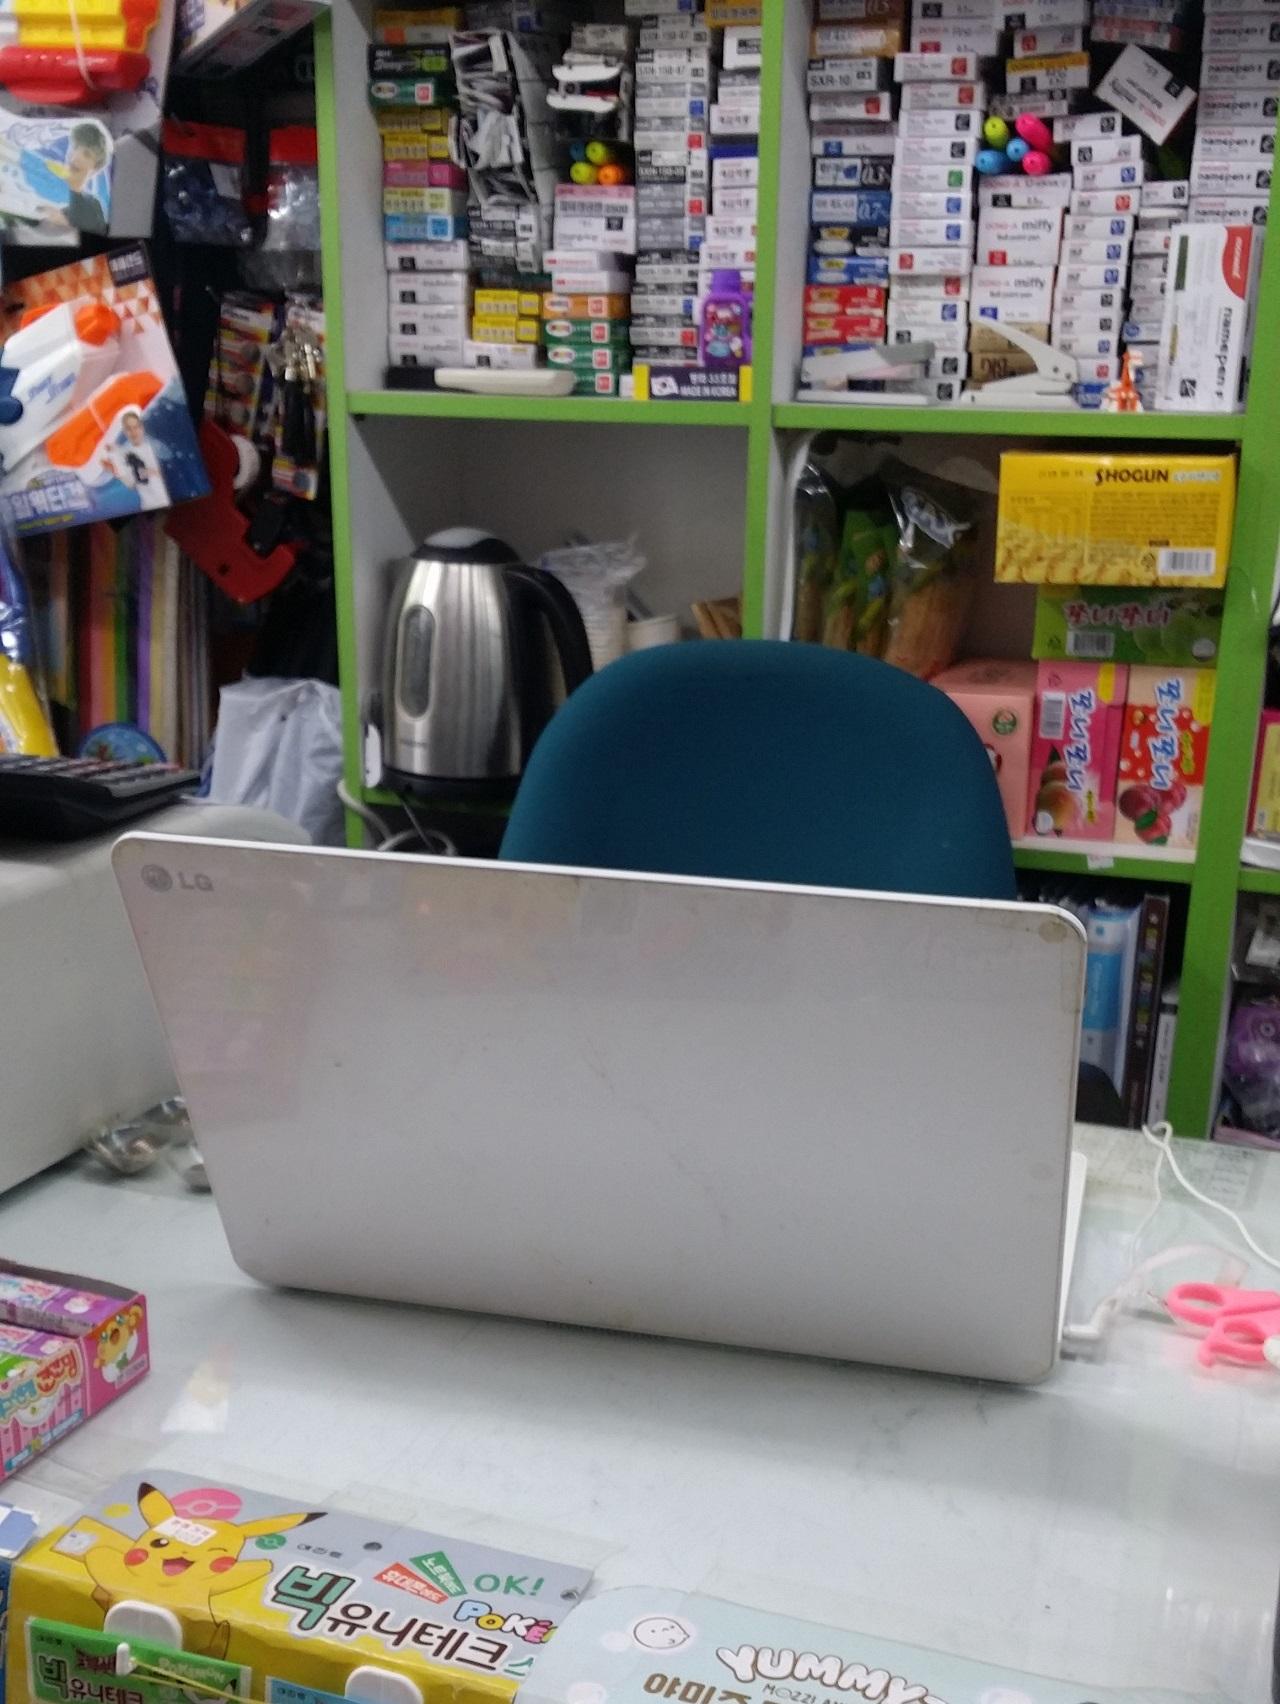 좁고 복잡한 카운터이지만 글을 쓰는 공간이 된다